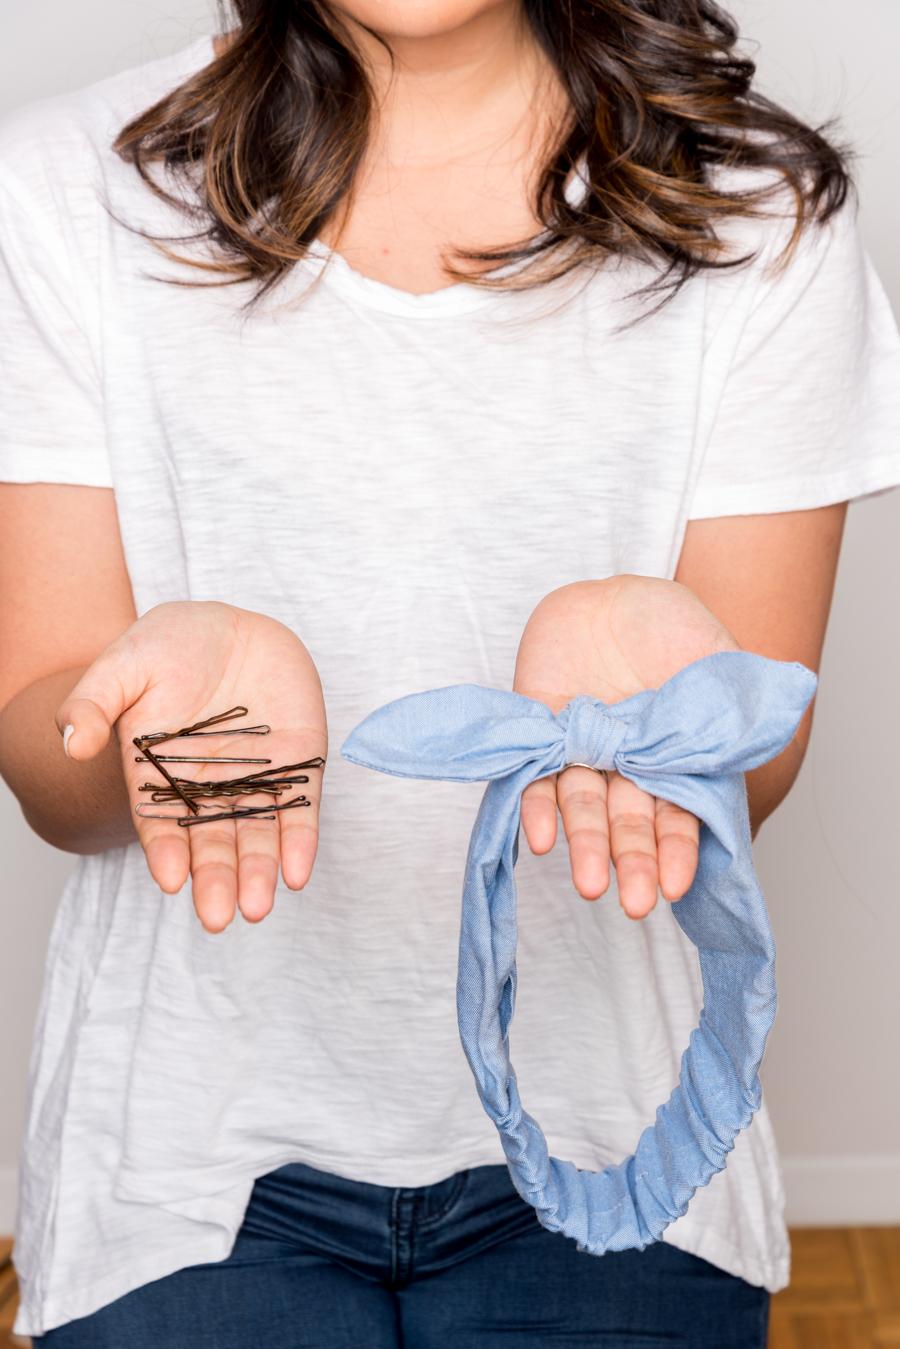 How To Do An Easy Headband Updo 夏にオススメの簡単ヘアアレンジ 1